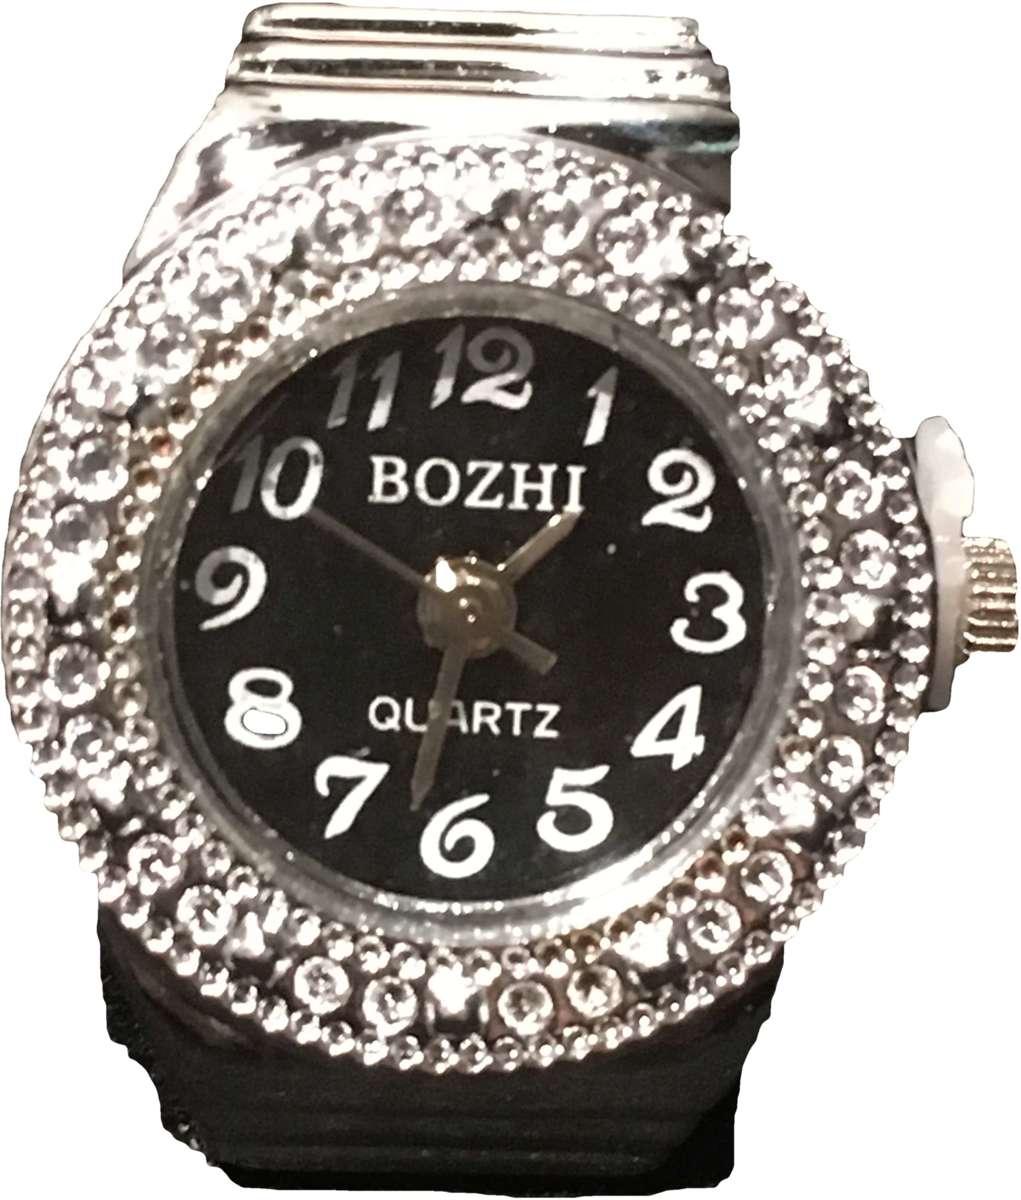 Horlogering 13 kopen